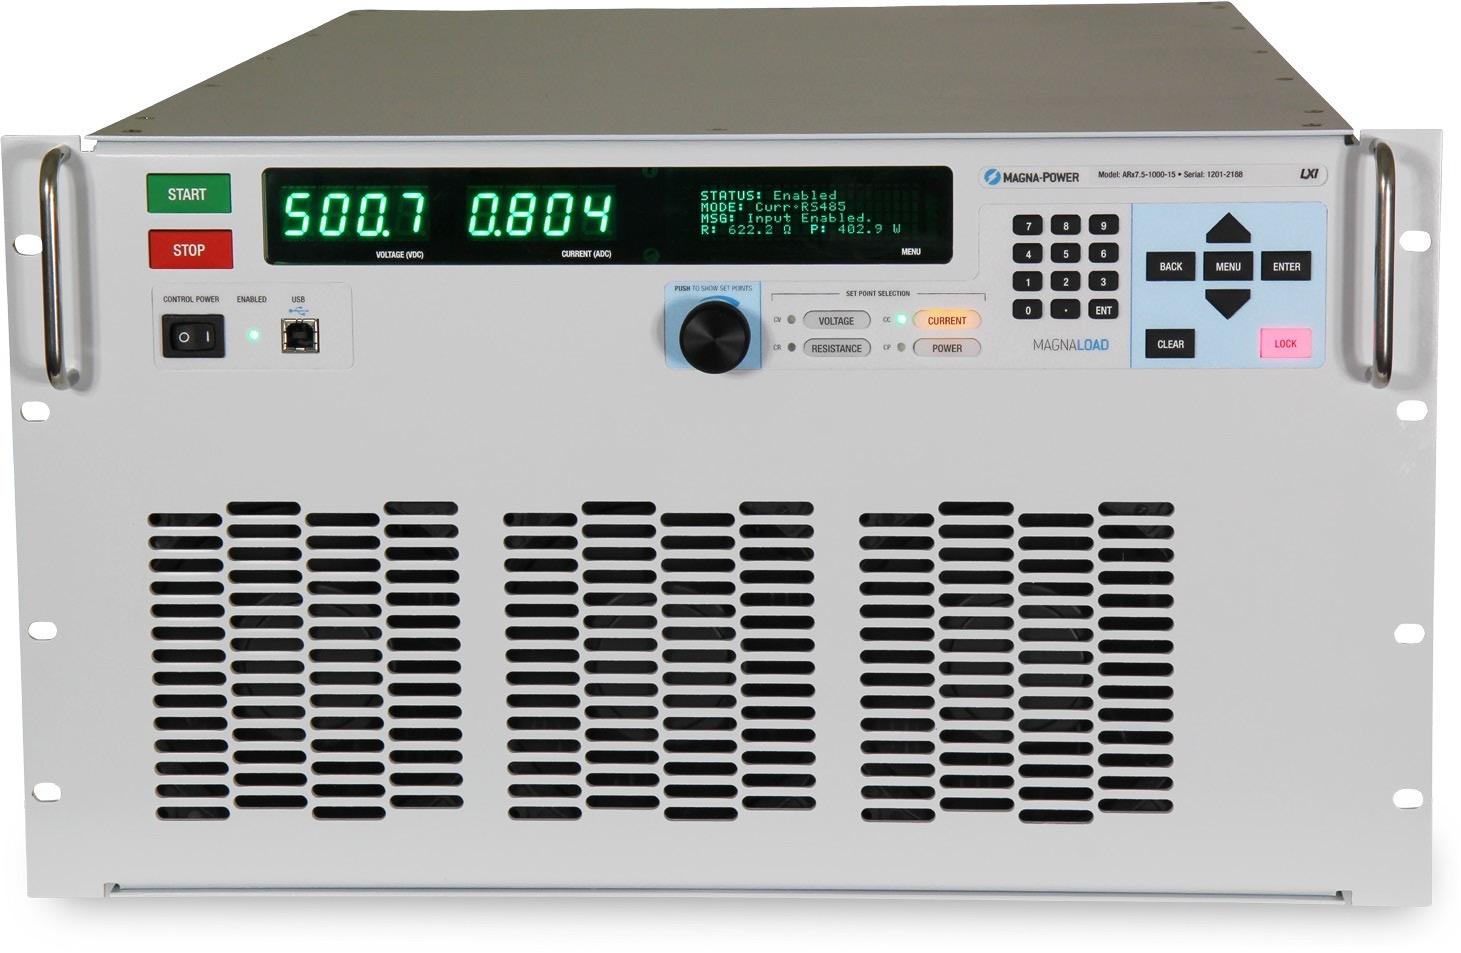 Magna-Power MagnaLOAD ARx series DC loads 6.75 kW - 40.5 kW+